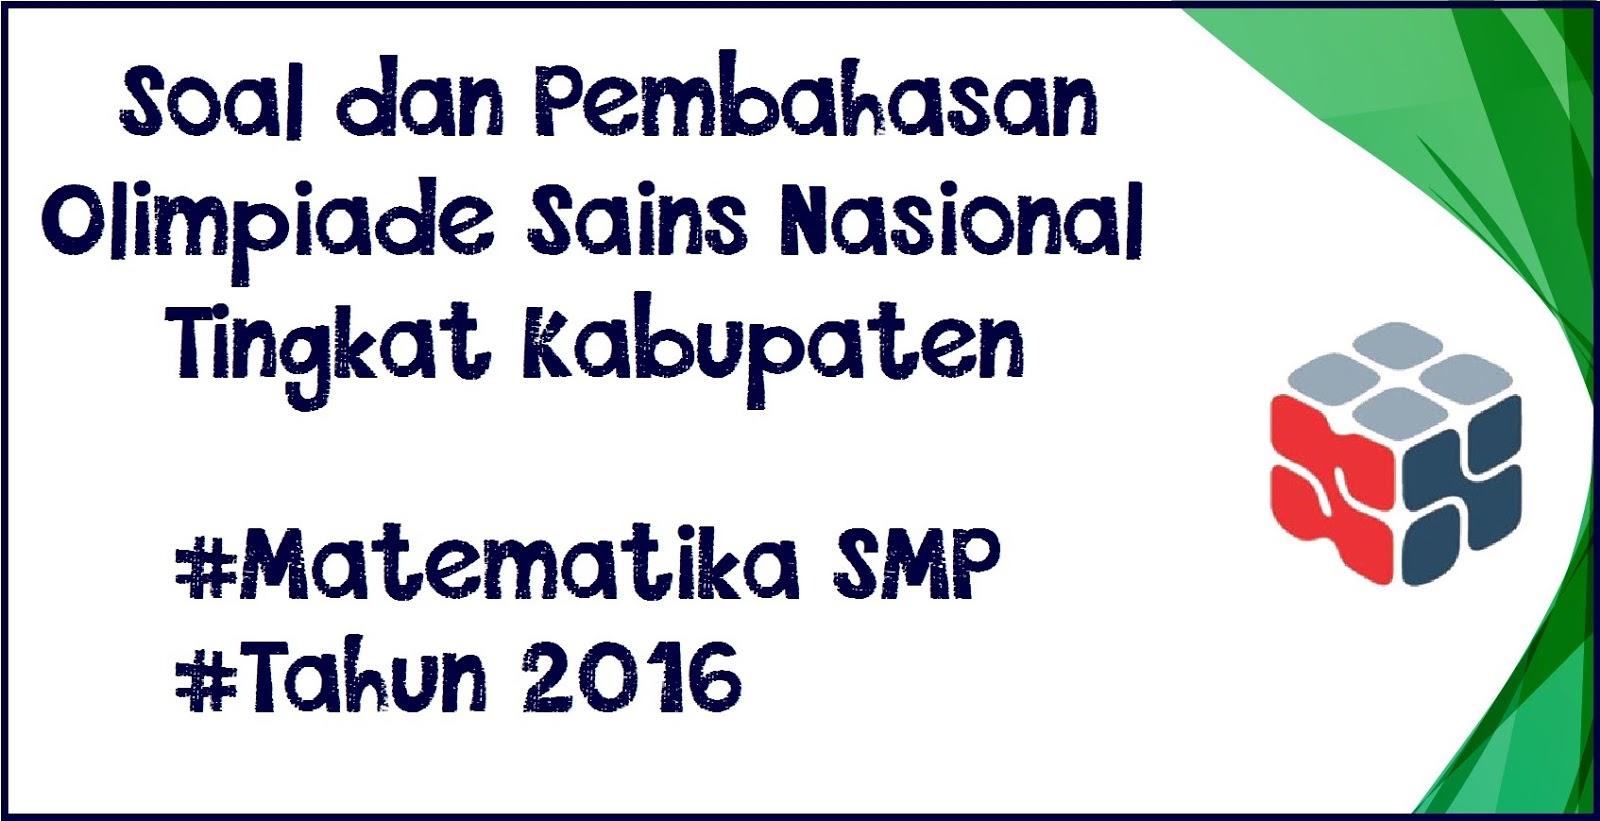 Soal dan Pembahasan OSN 2016 Tingkat Kabupaten Matematika SMP